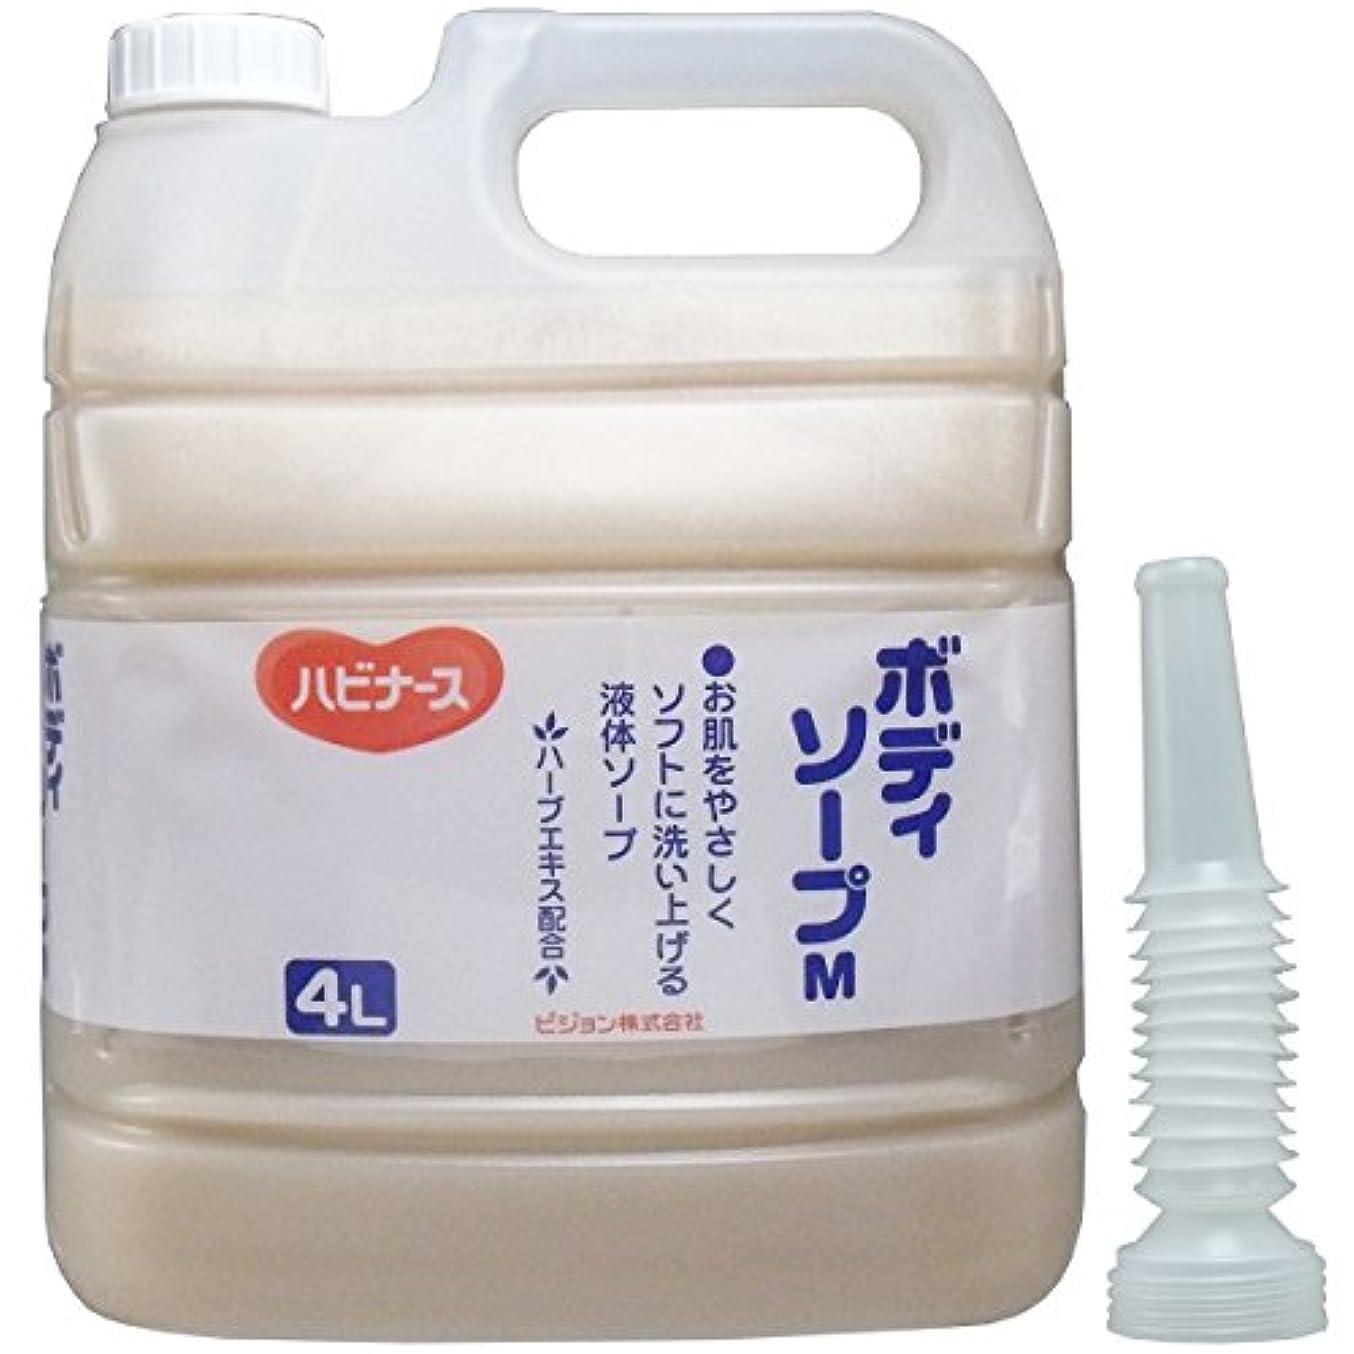 性格延期する爆風ハビナース ボディソープM 業務用 4L【2個セット】